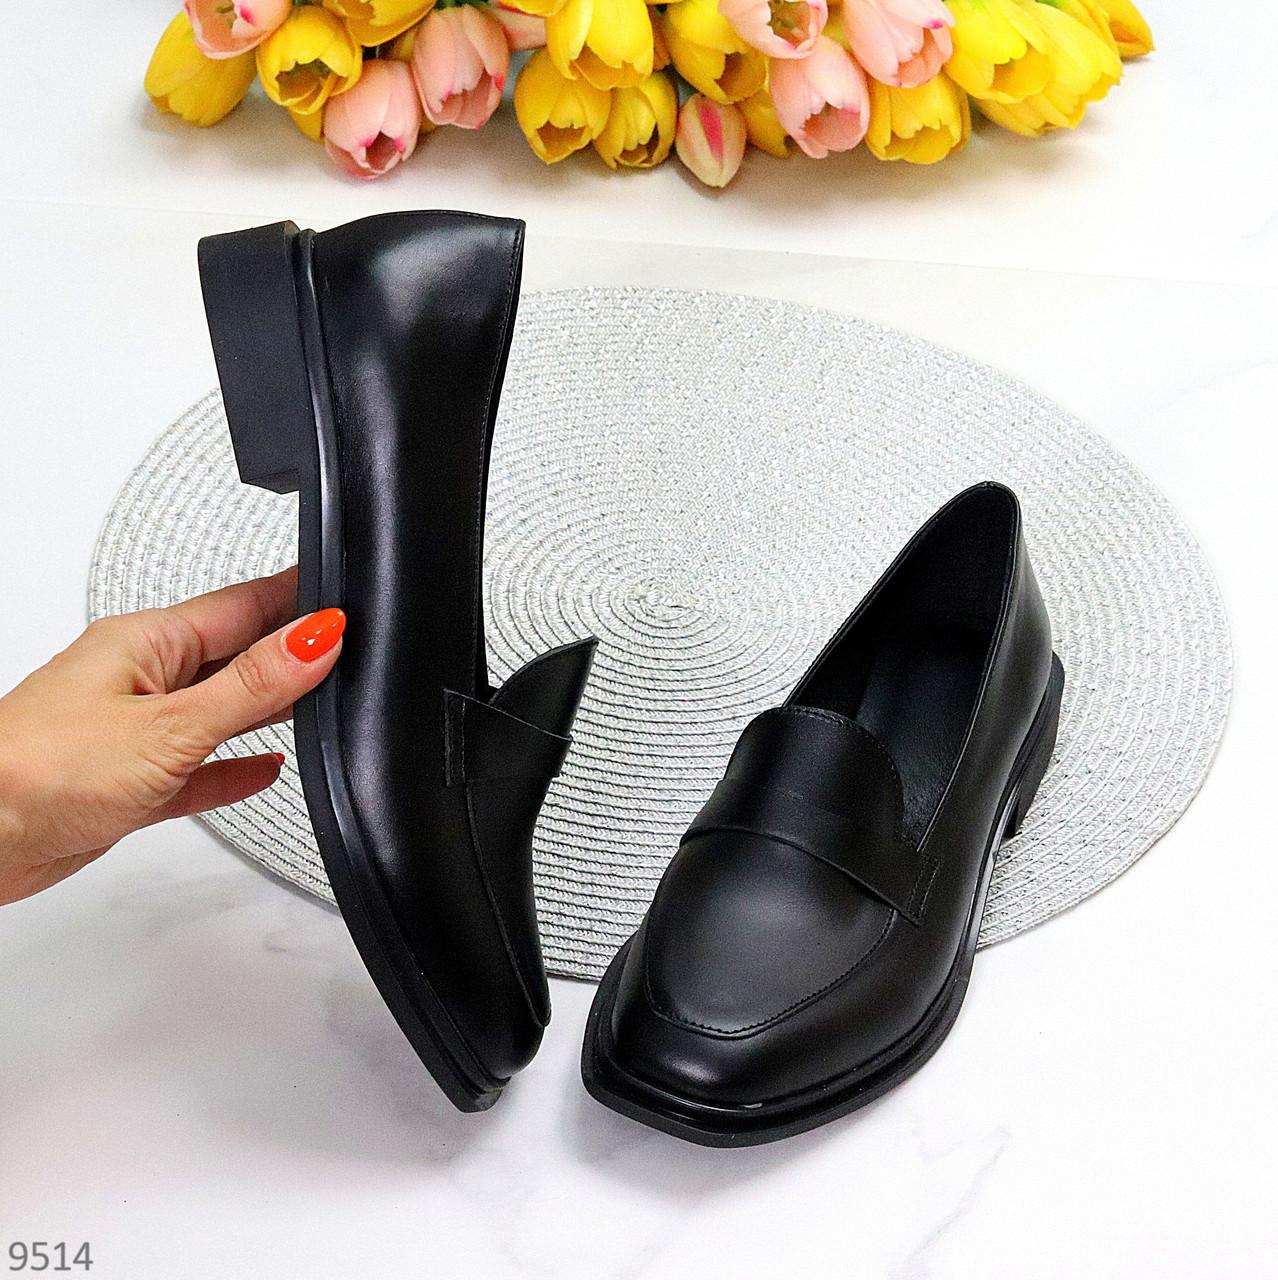 Практичні чорні шкіряні жіночі туфлі натуральна шкіра низький хід